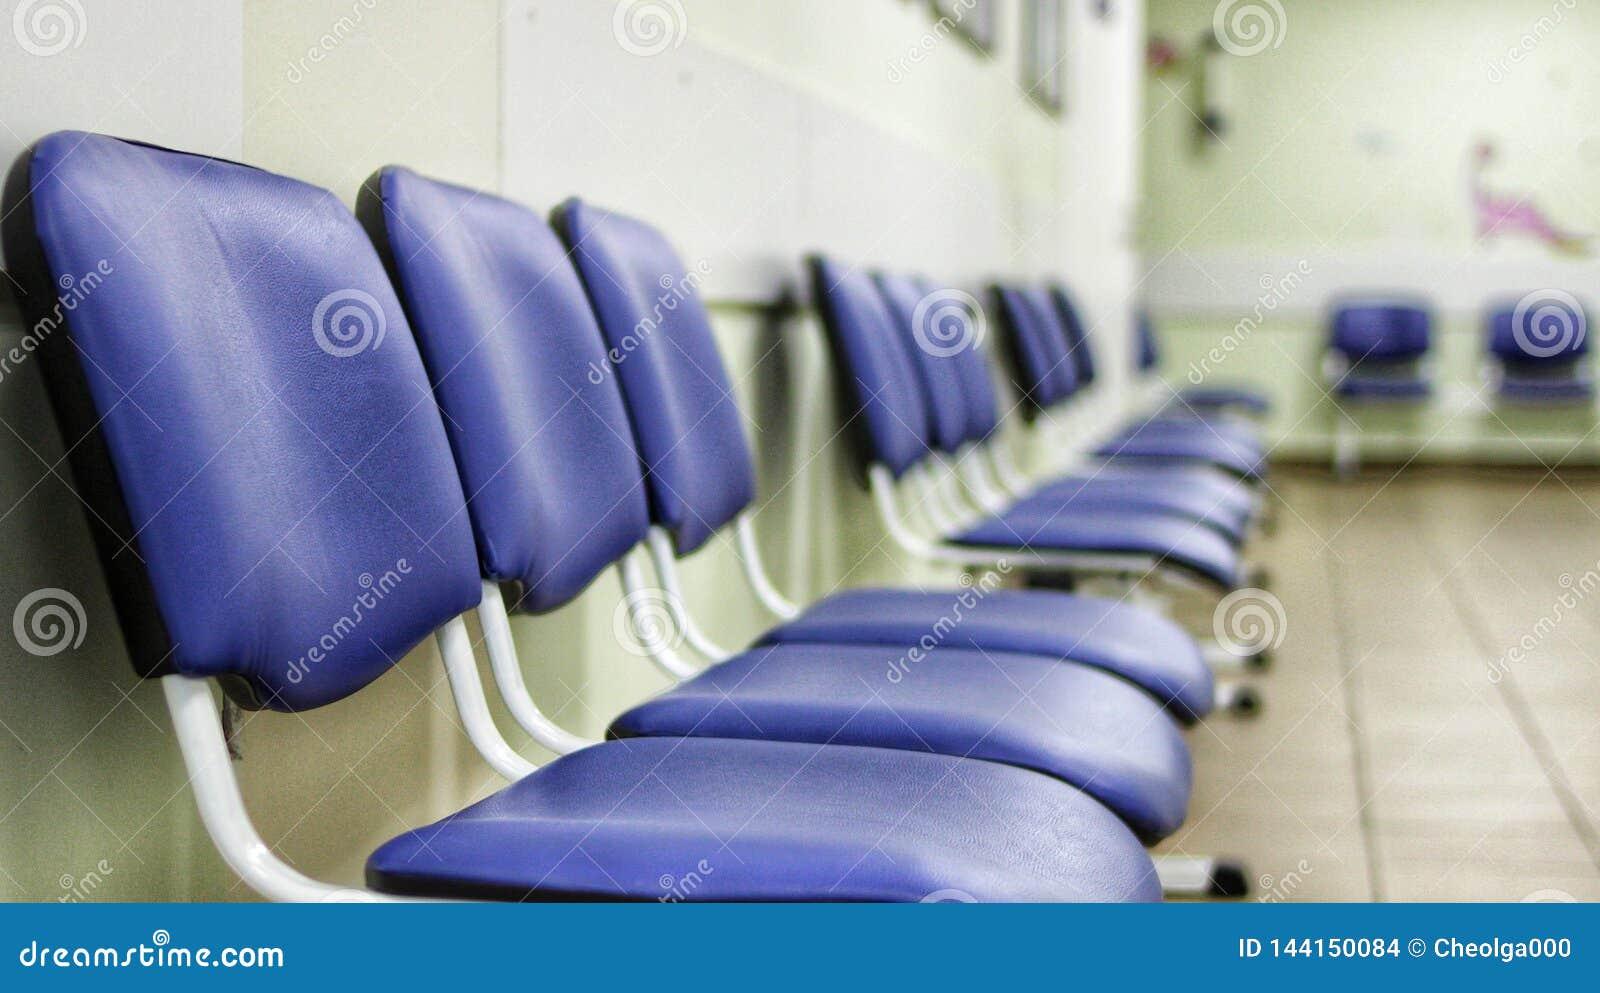 En korridor i ett sjukhus, stolar för patienter som väntar för att se en doktor, rader av blåa stolar